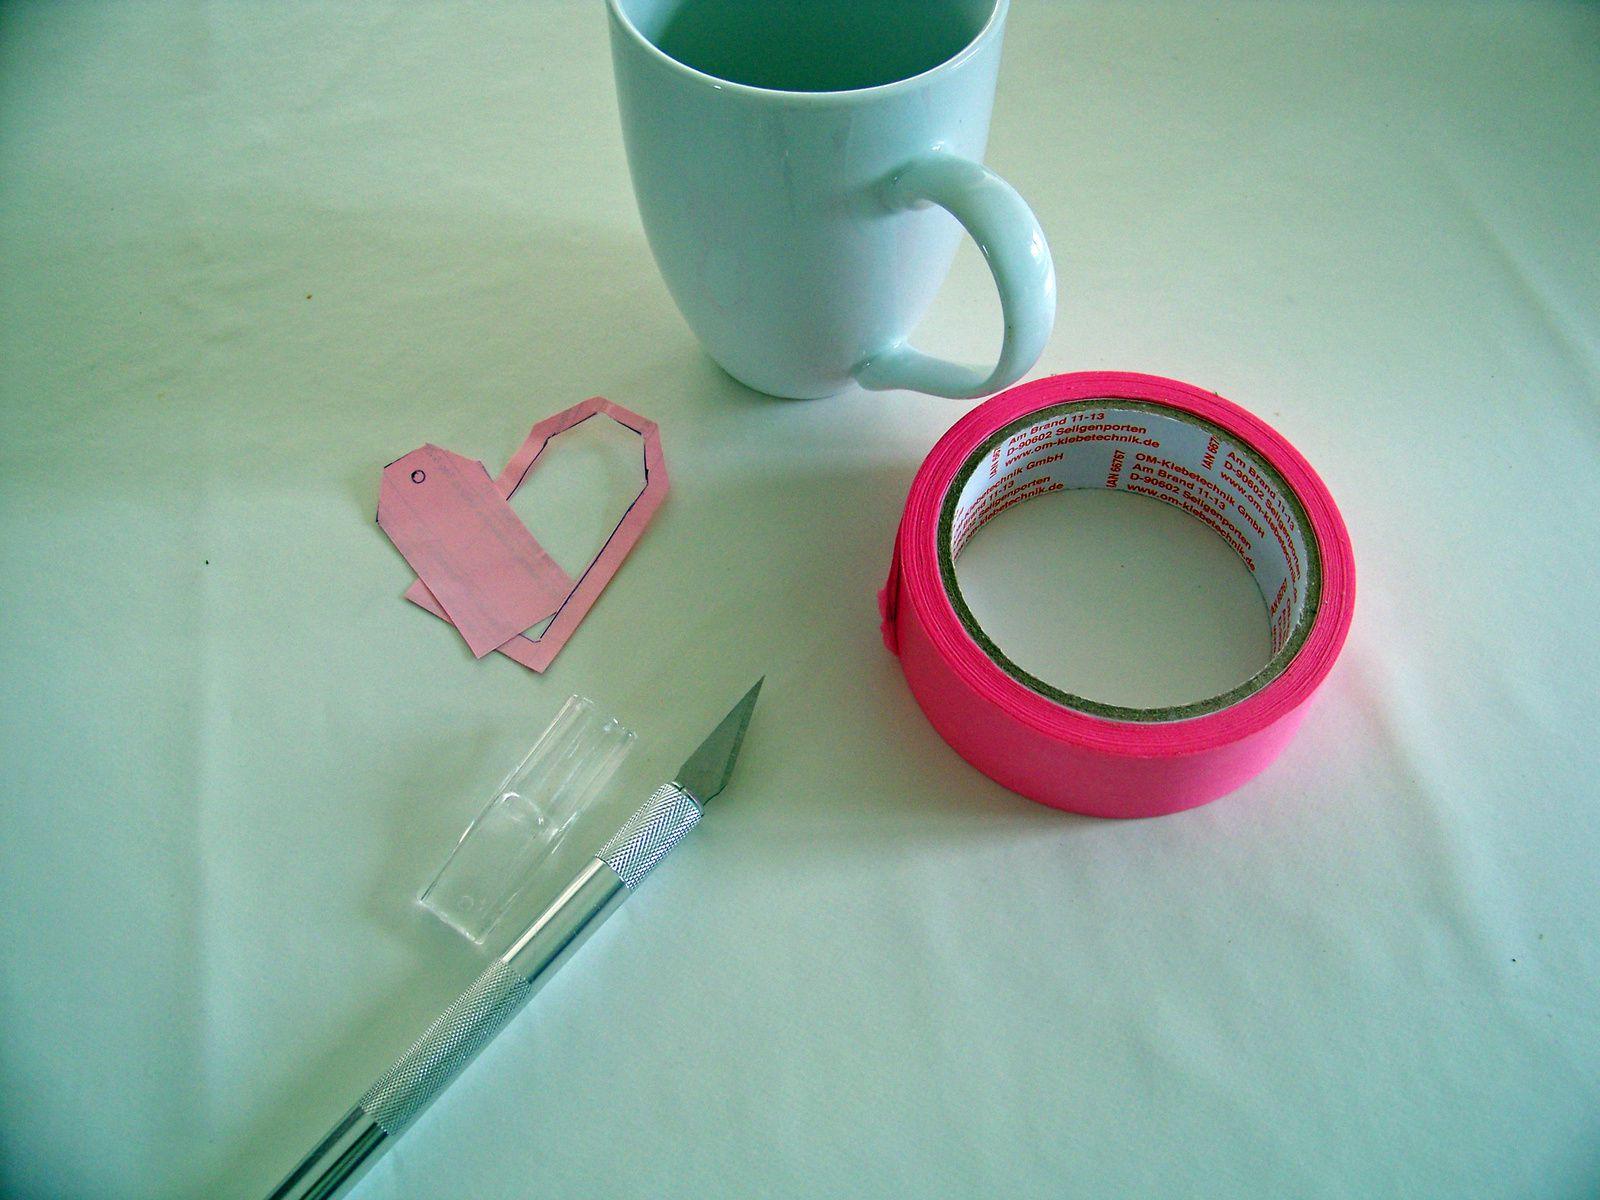 La tasse à thé annonce la couleur